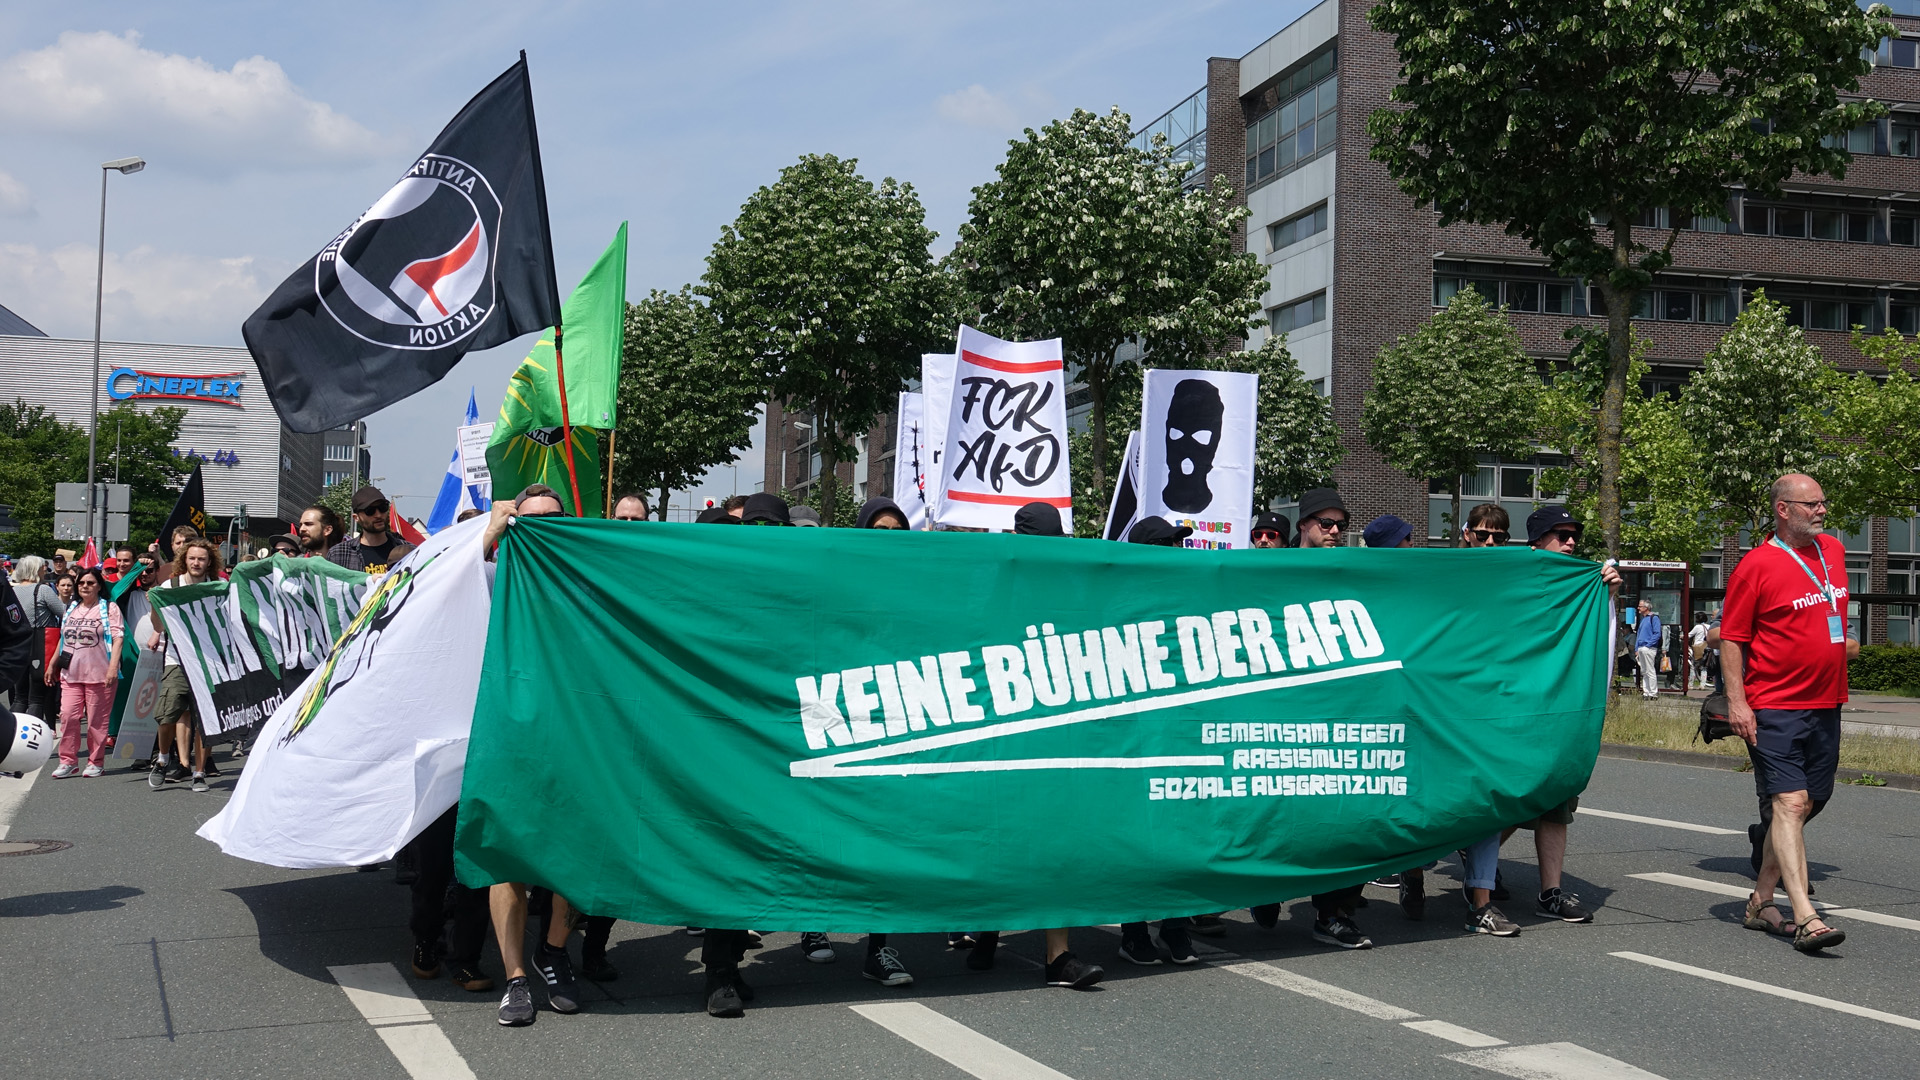 Rechtspopulisten, zum Beispiel von der AfD, auszugrenzen und die Kommunikation zu verweigern, sei nicht hilfreich, meint der Jurist Bernhard Schlink